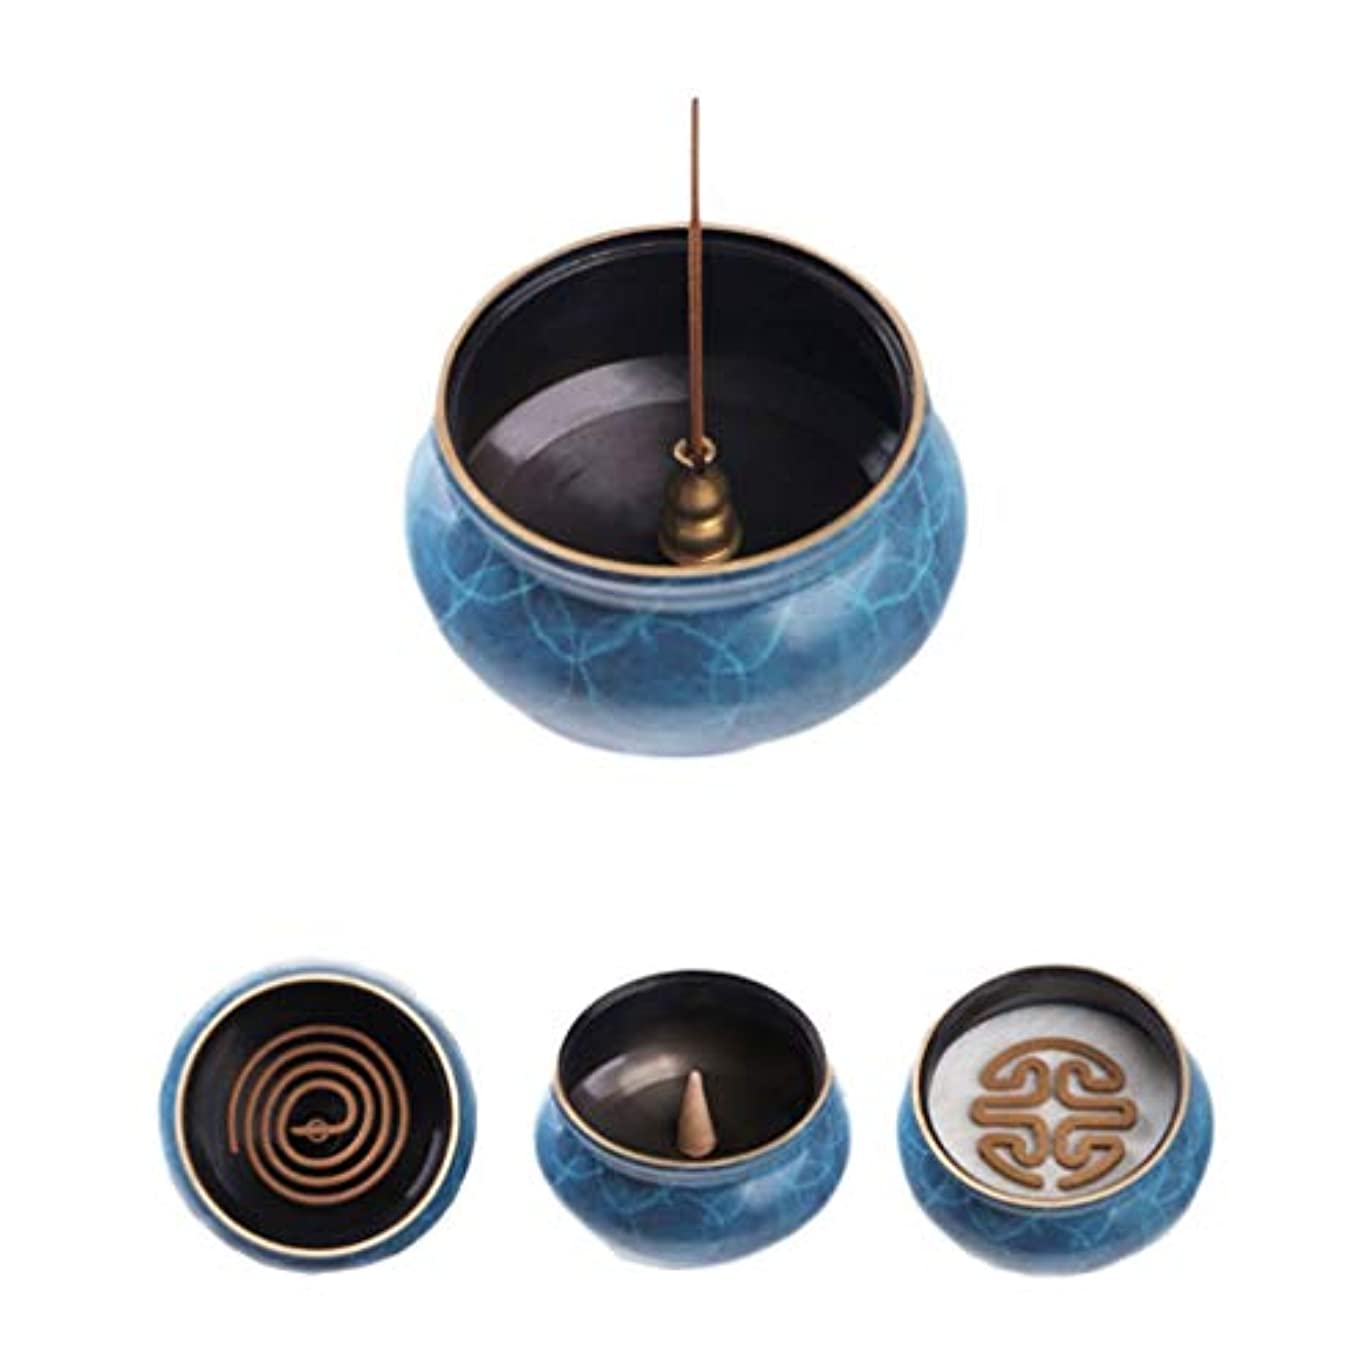 茎原始的なクマノミ芳香器?アロマバーナー 純粋な銅香炉ホームアンティーク白檀用仏寒天香炉香り装飾アロマセラピー炉 芳香器?アロマバーナー (Color : Blue copper)